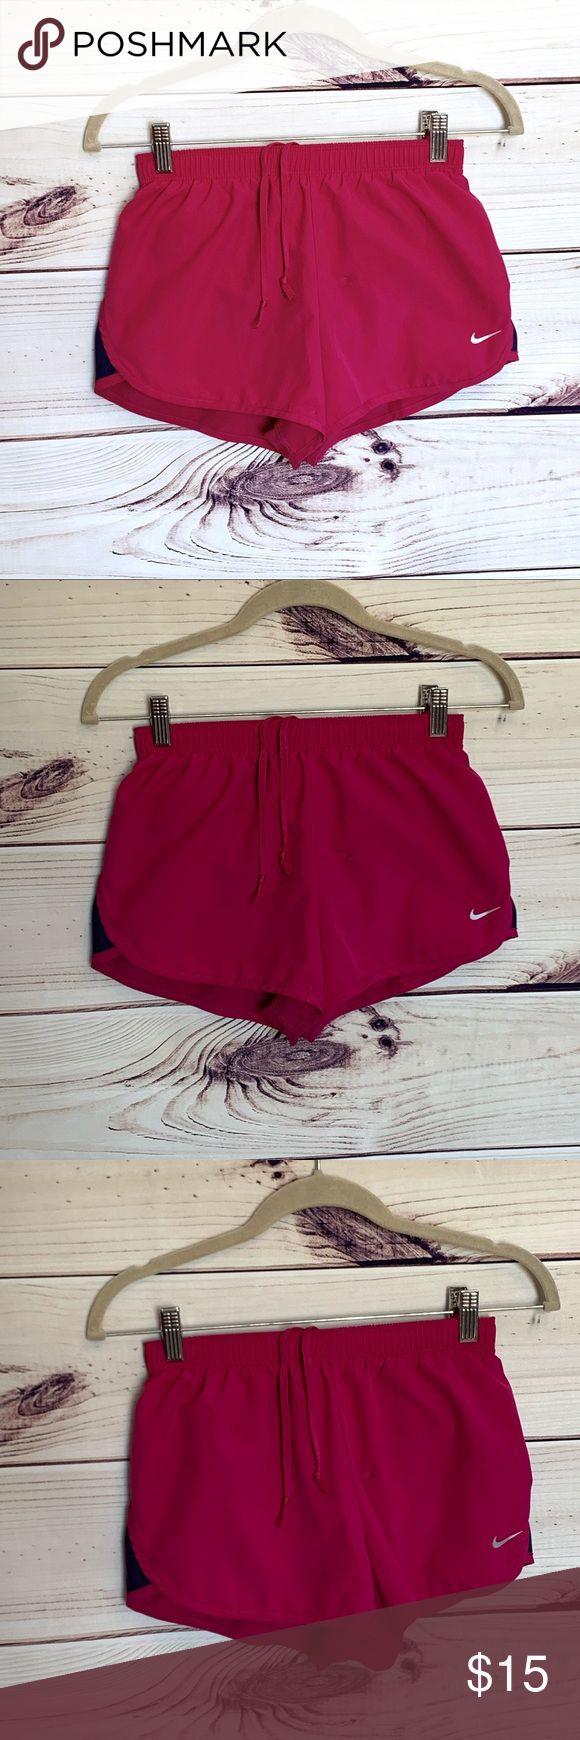 Nike DRI-FIT gefütterte Laufshorts Rosa XS Nike Dry Fit Größe Extra Small XS Goo …   – My Posh Picks